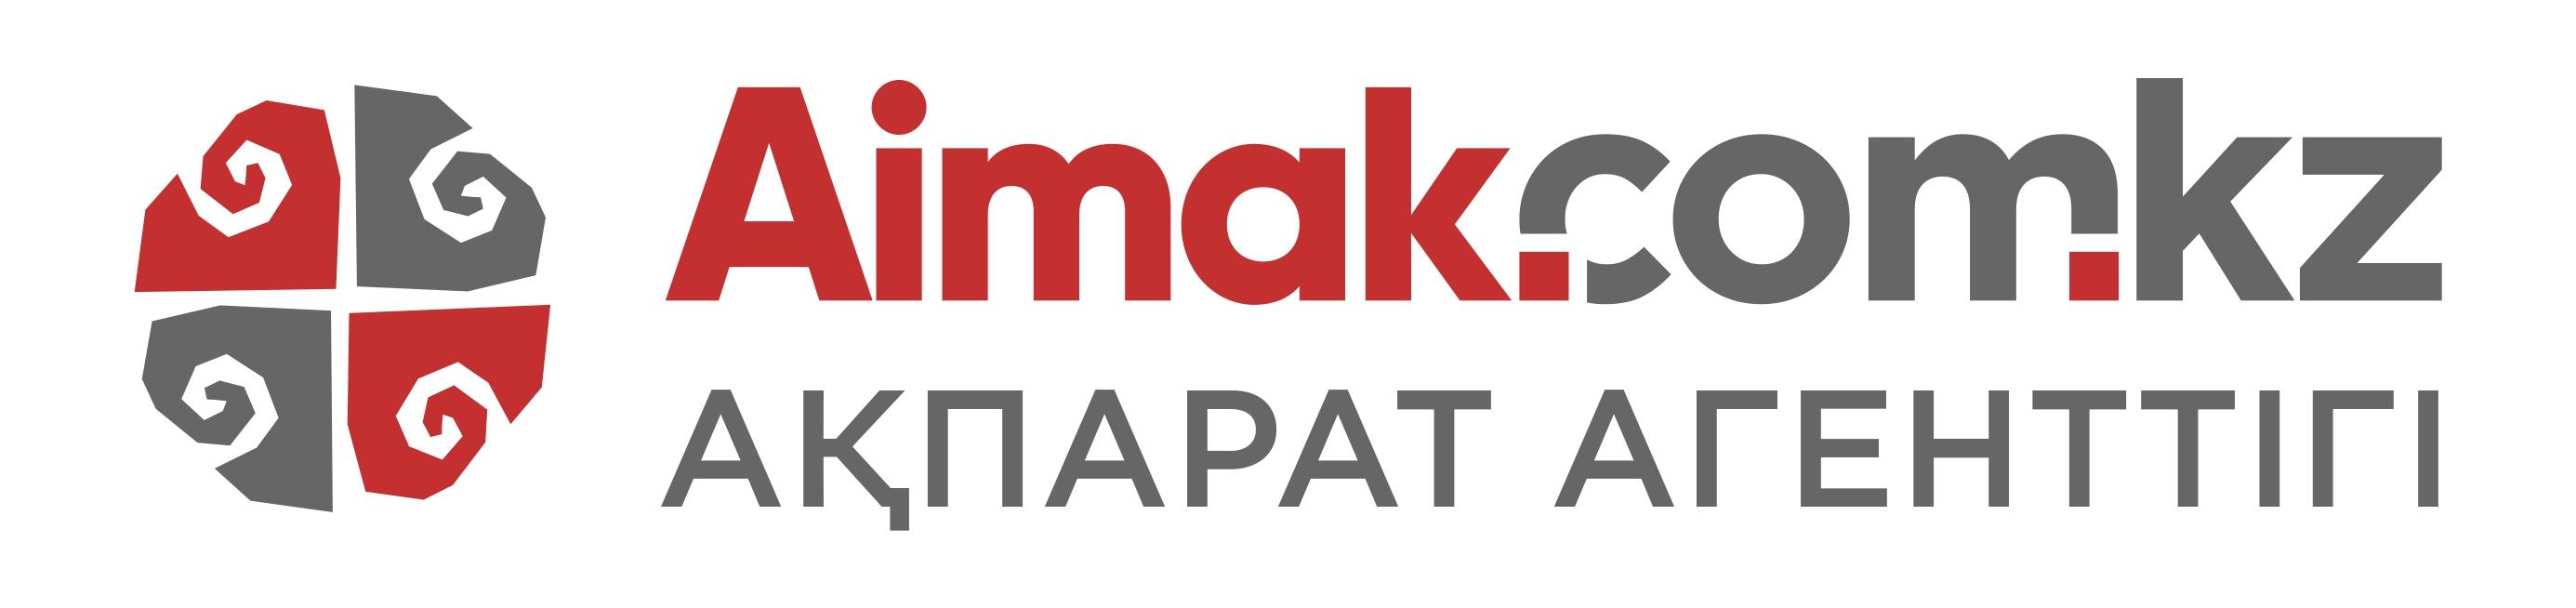 Түркістан облысының басты жаңалықтары — Aimak.com.kz